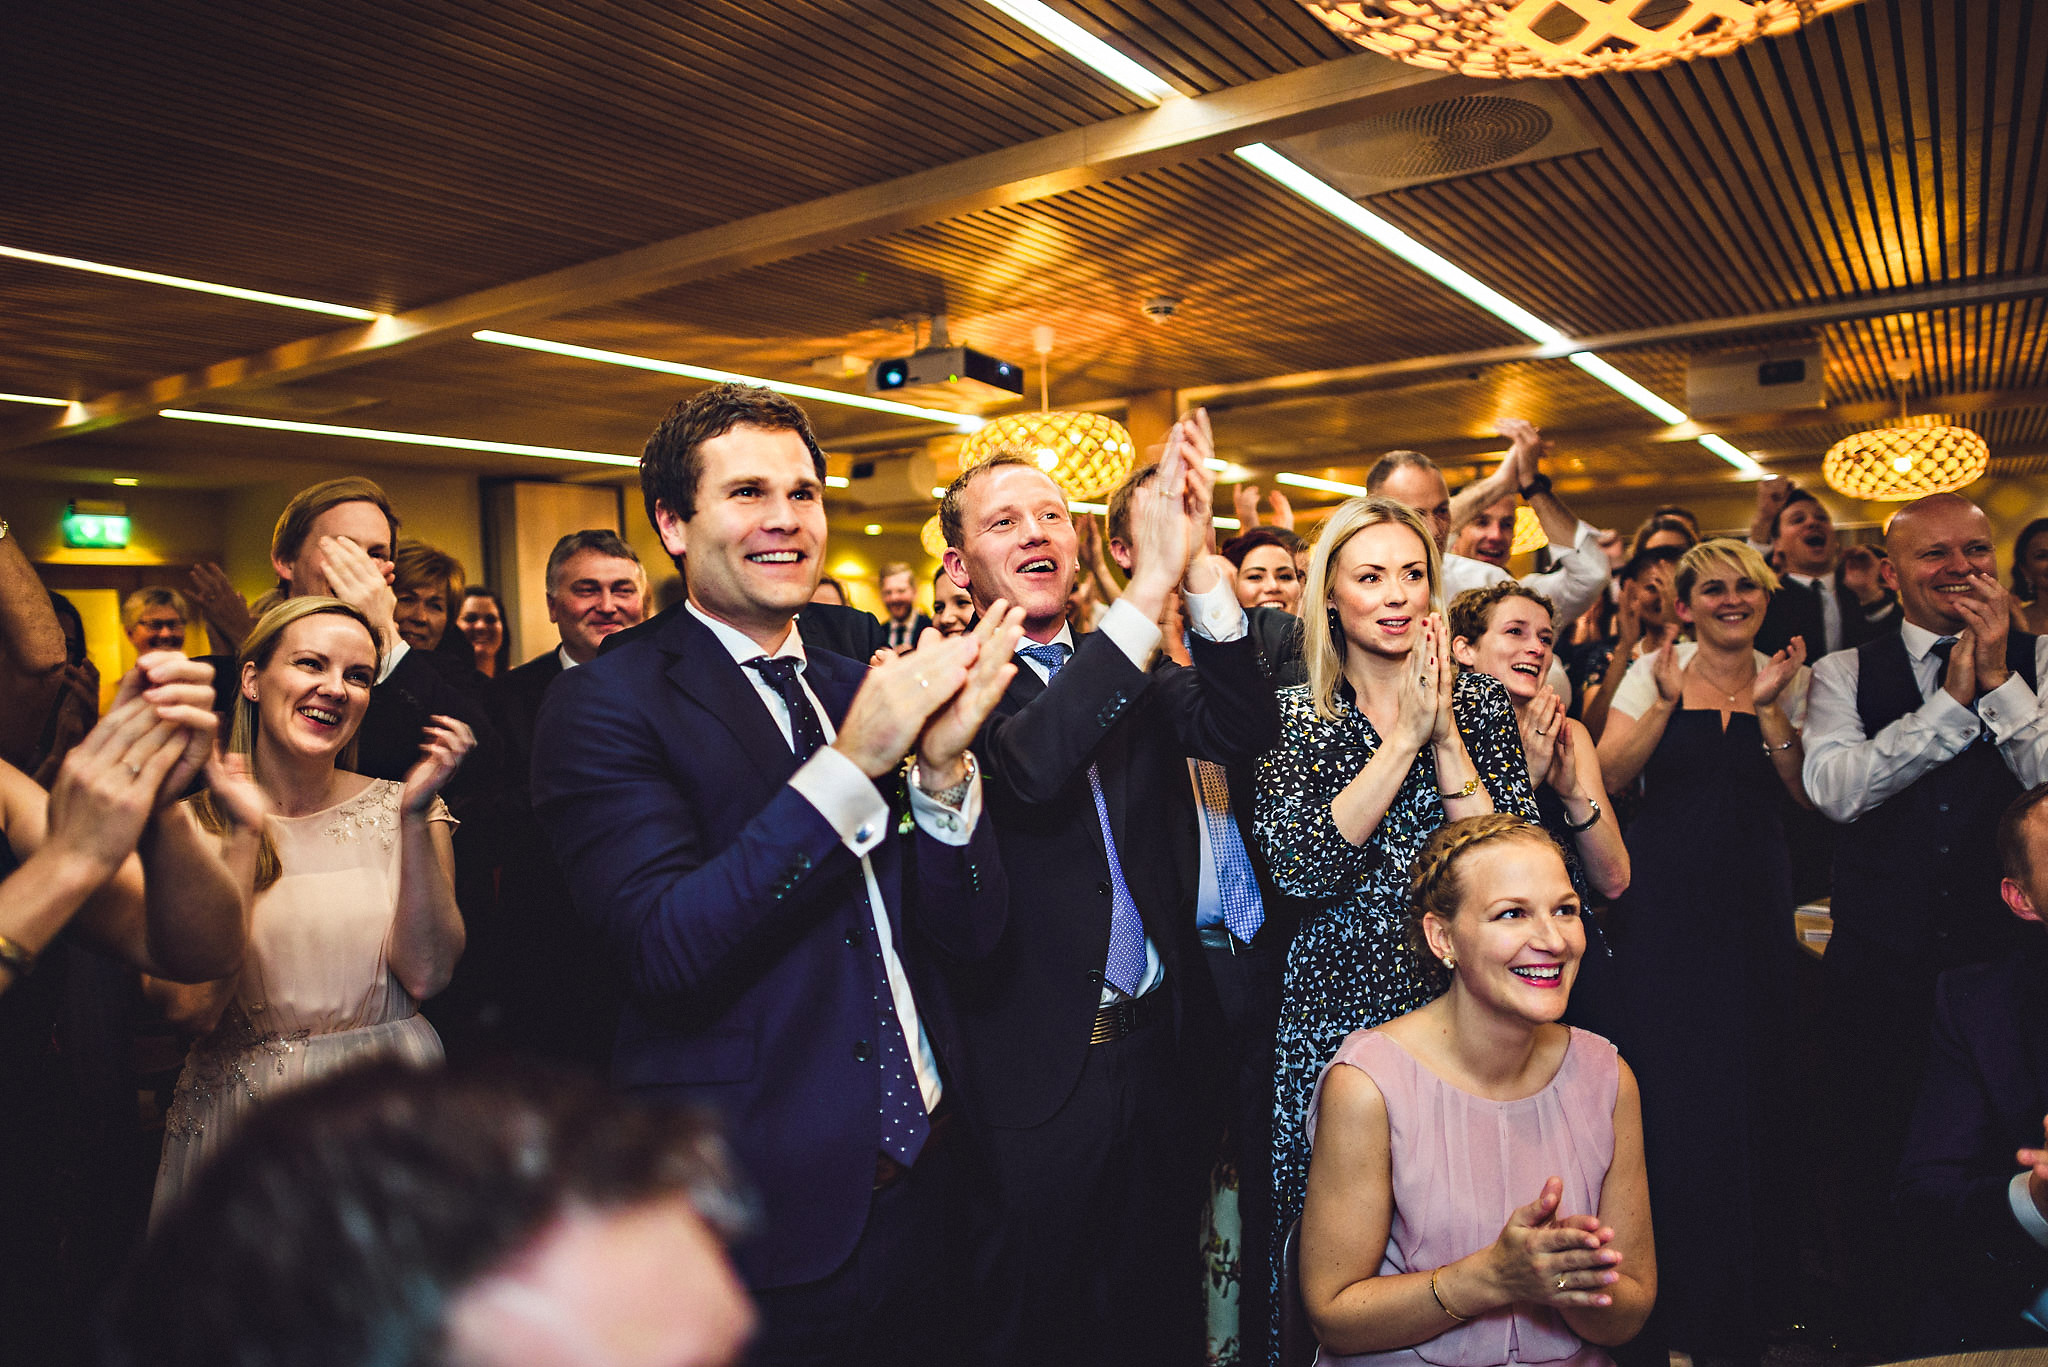 Eirik Halvorsen Marianne og Ole Martin bryllup blog-28.jpg